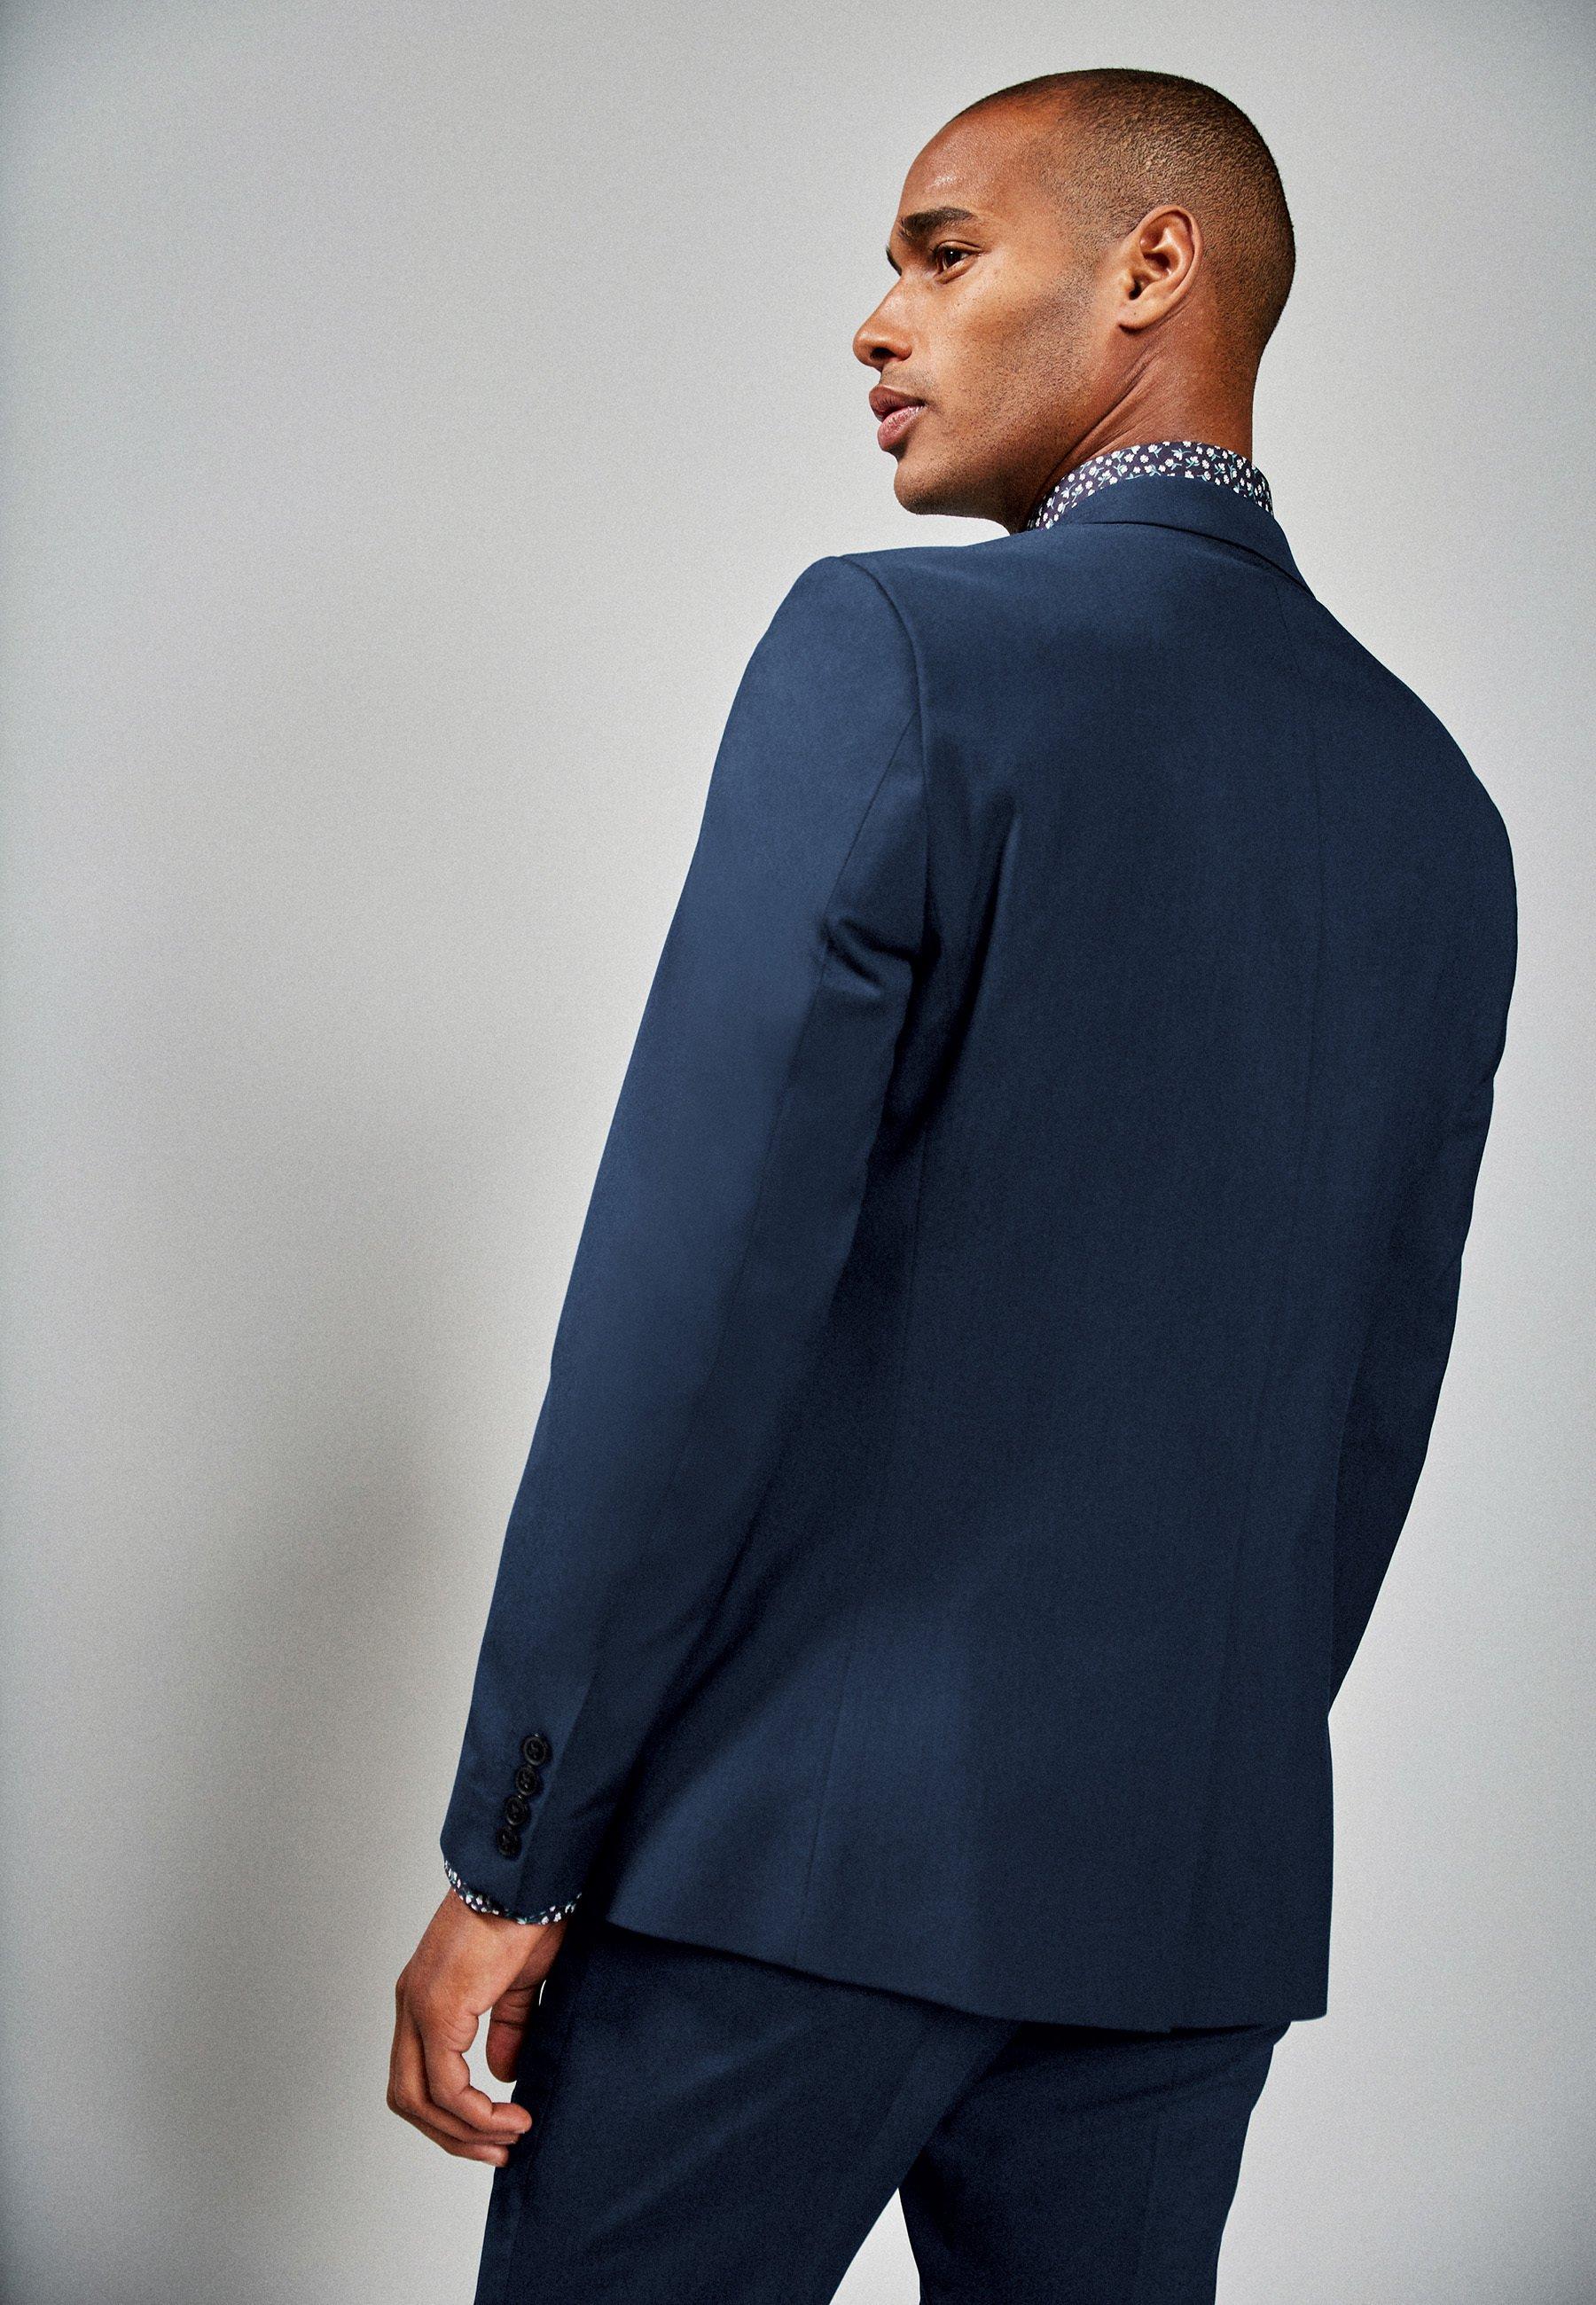 Homme STRETCH TONIC SUIT: JACKET-SLIM FIT - Veste de costume